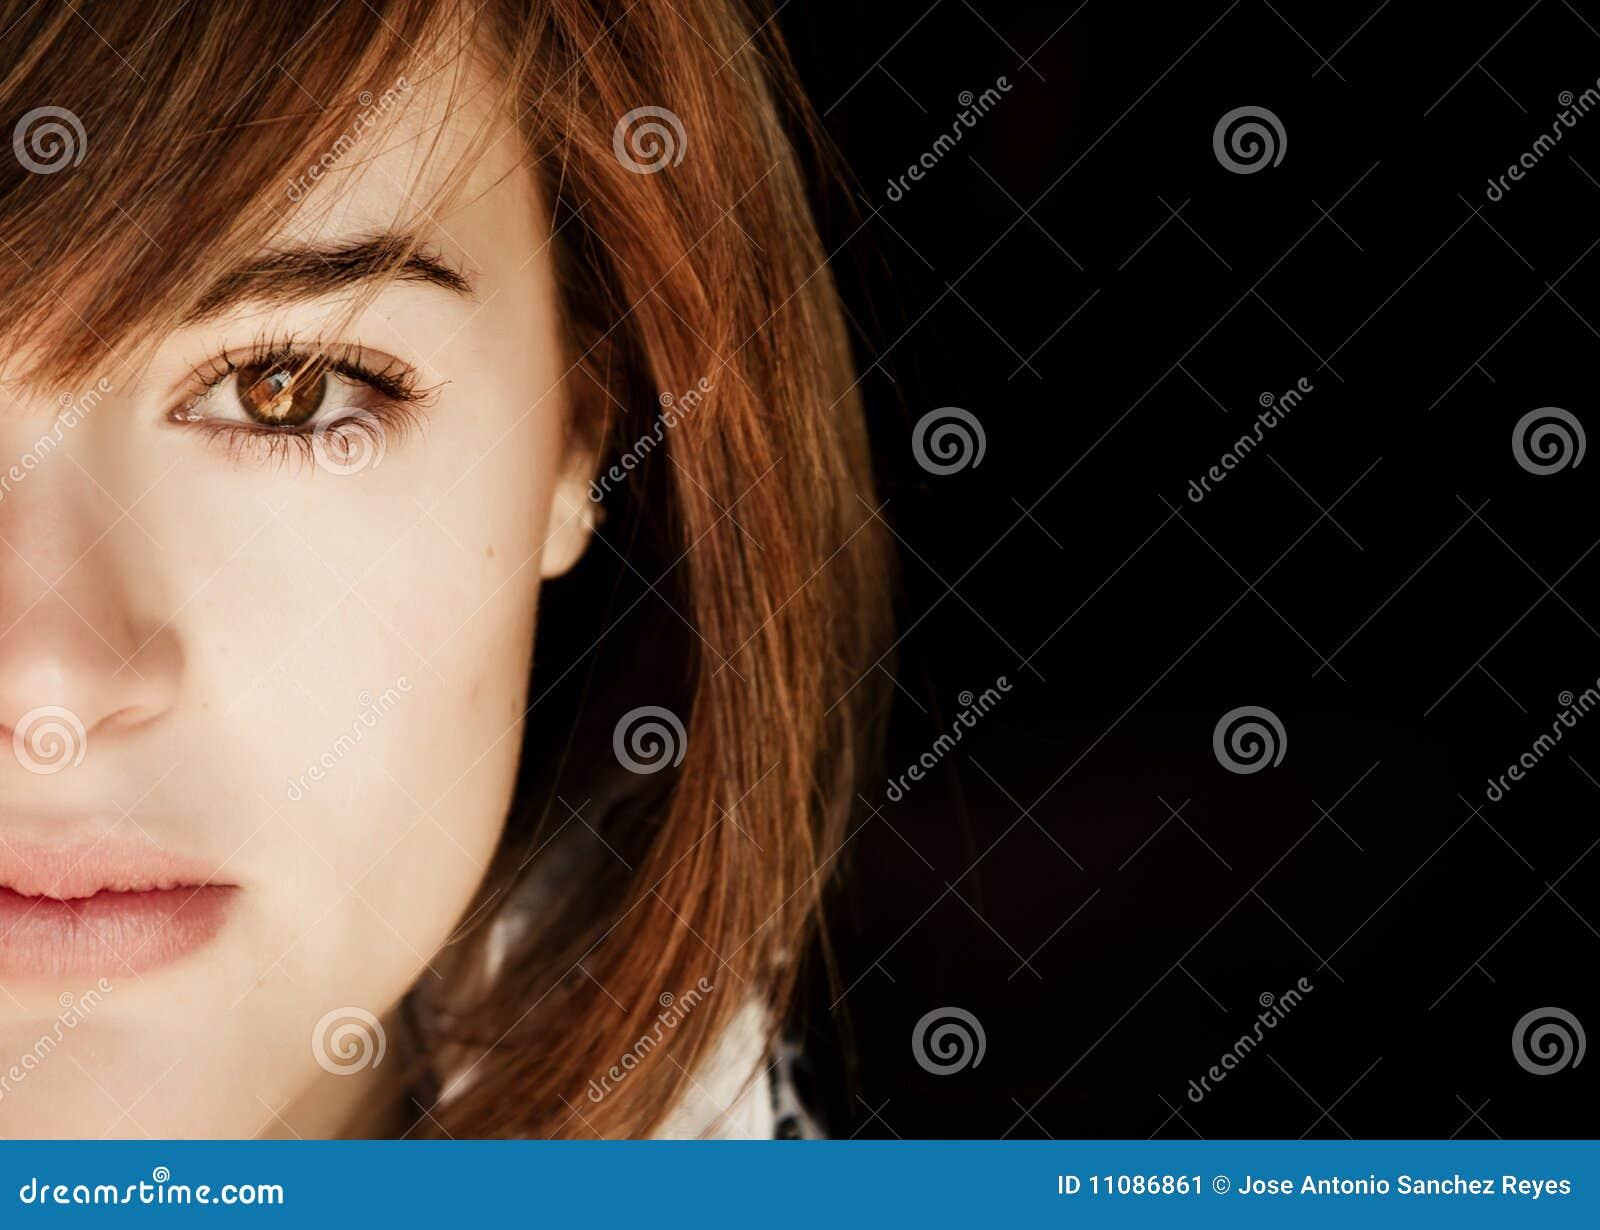 Halbes Gesichtsportrait